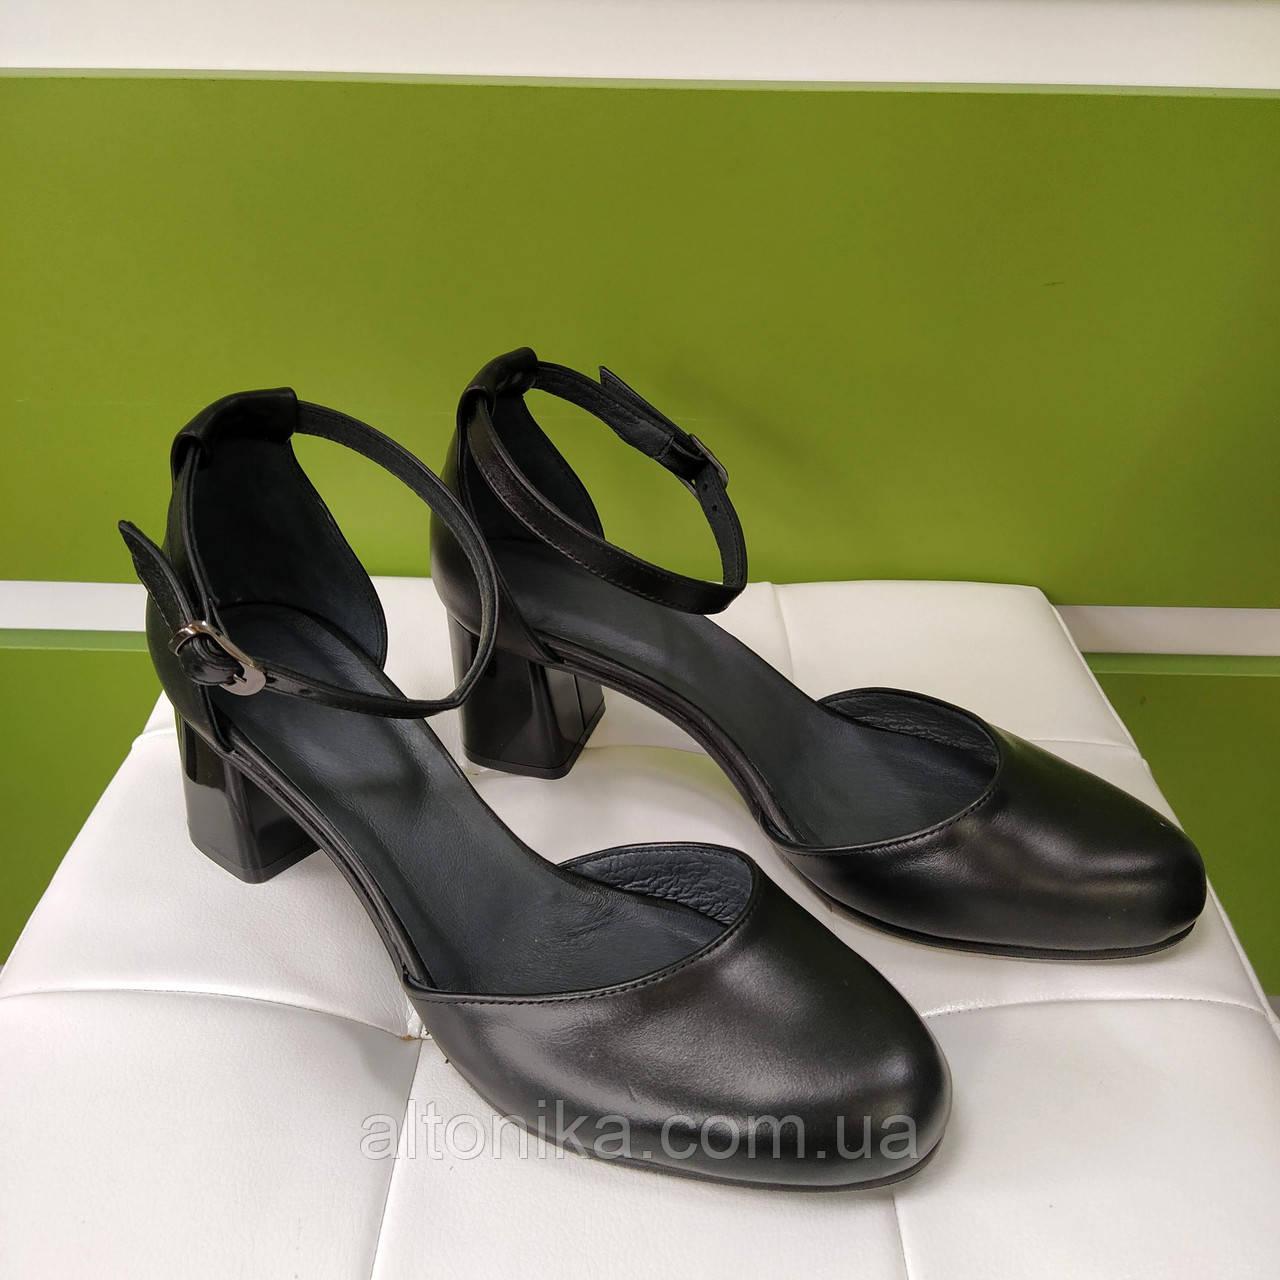 STTOPA Розміри 36-44. Туфлі шкіряні великих розмірів! Каблук 6,5 див. С7-27-3644-65 Чорні